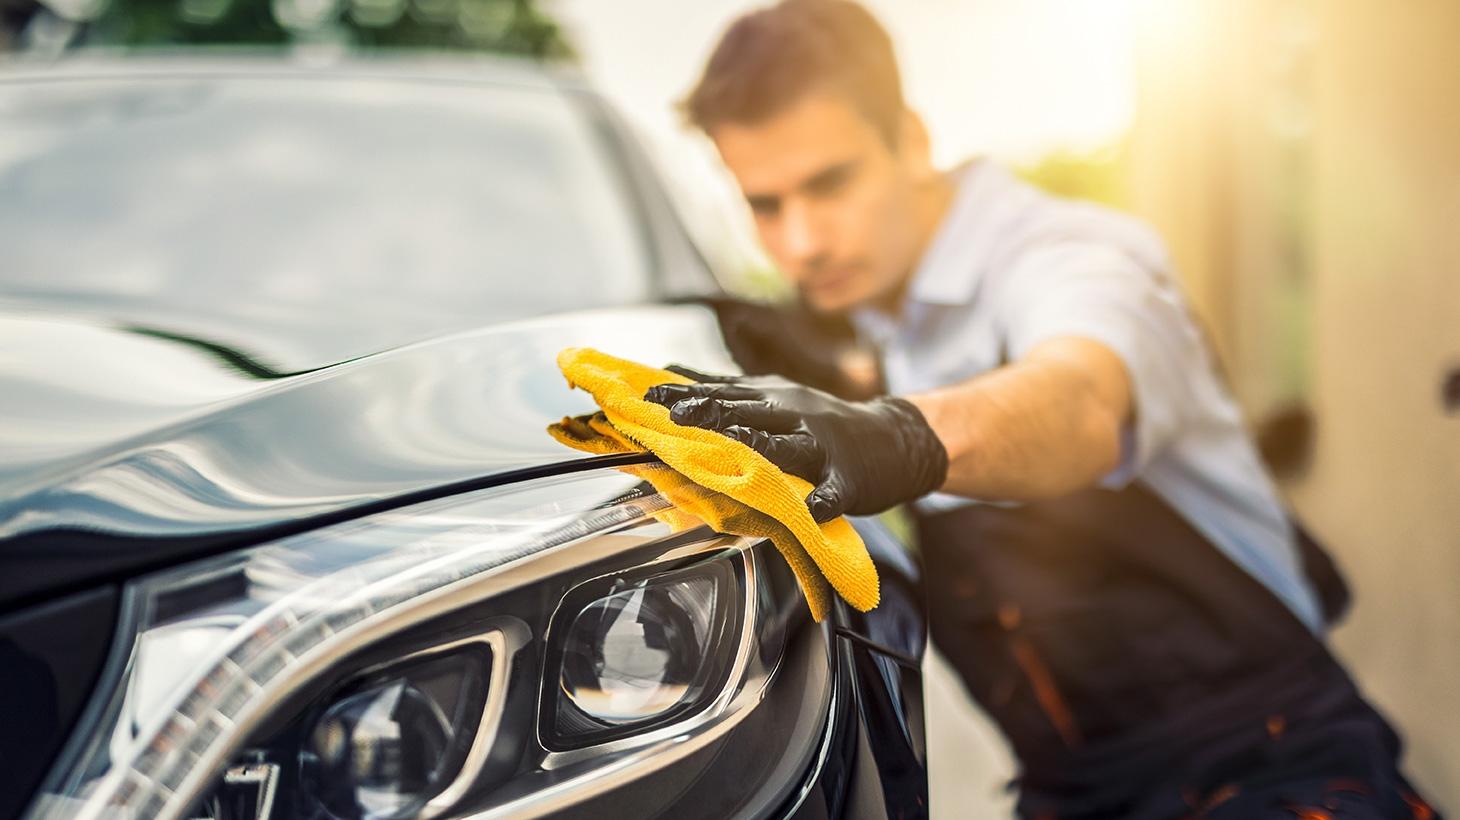 Man hand drying car at car wash